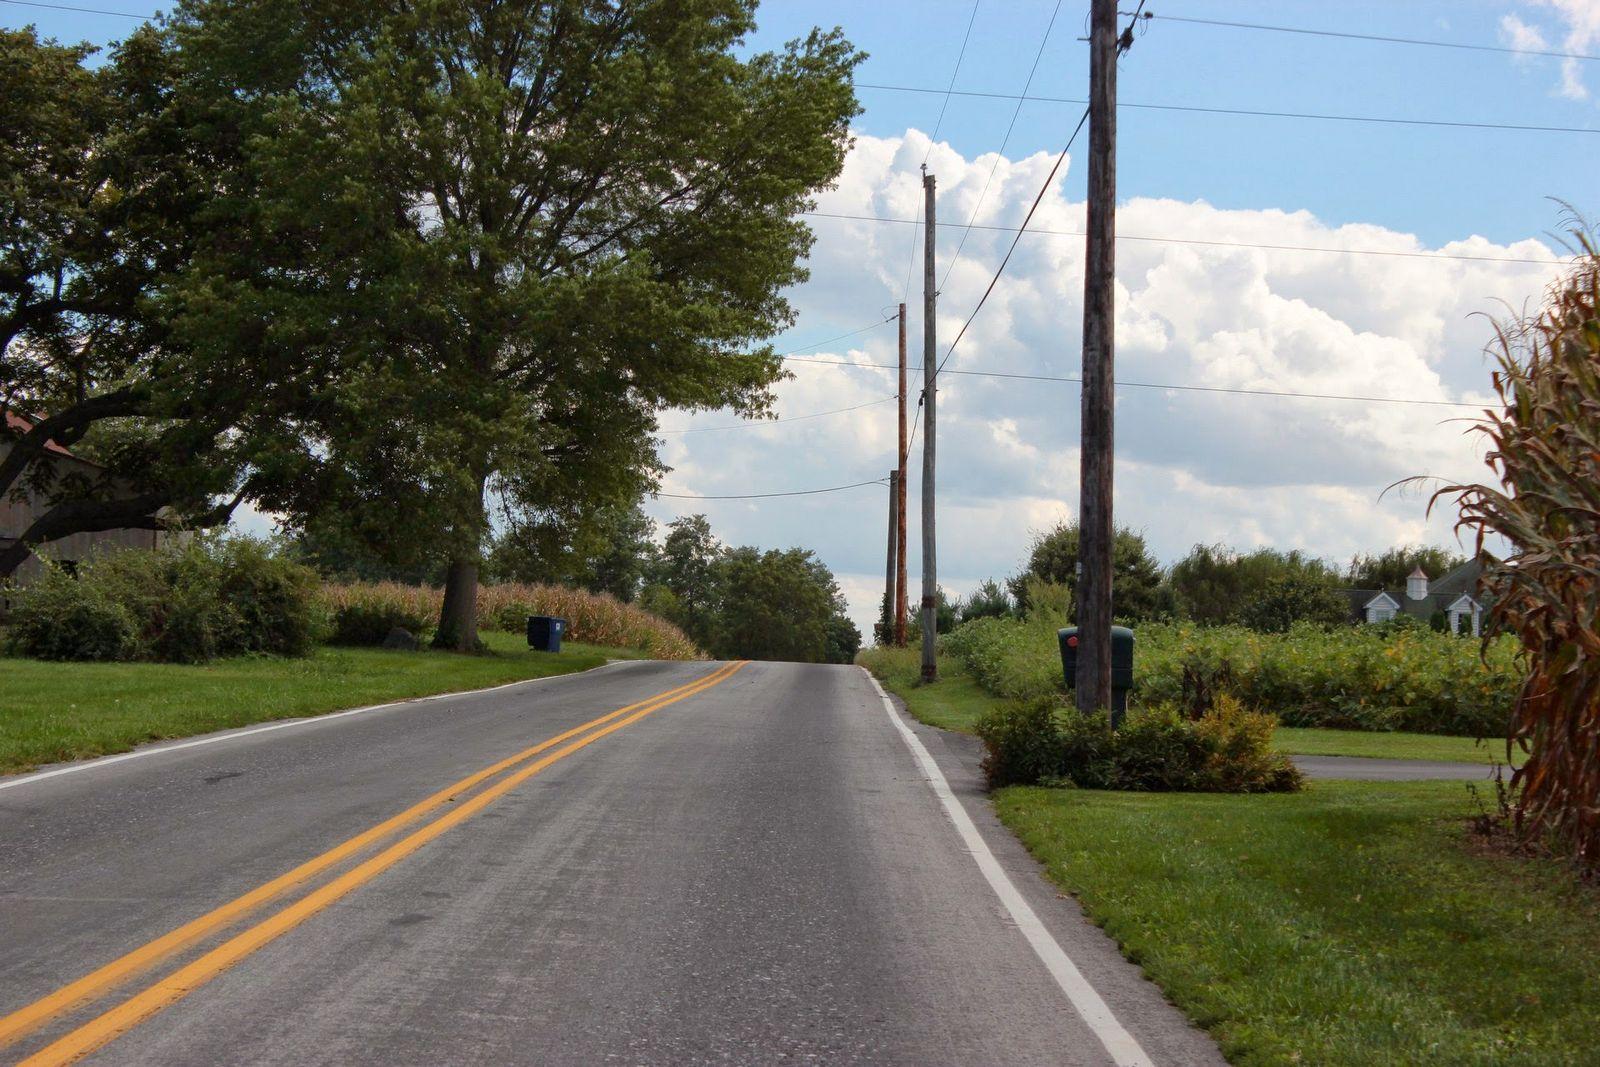 El auténtico Condado de Lancaster: las carreteras secundarias